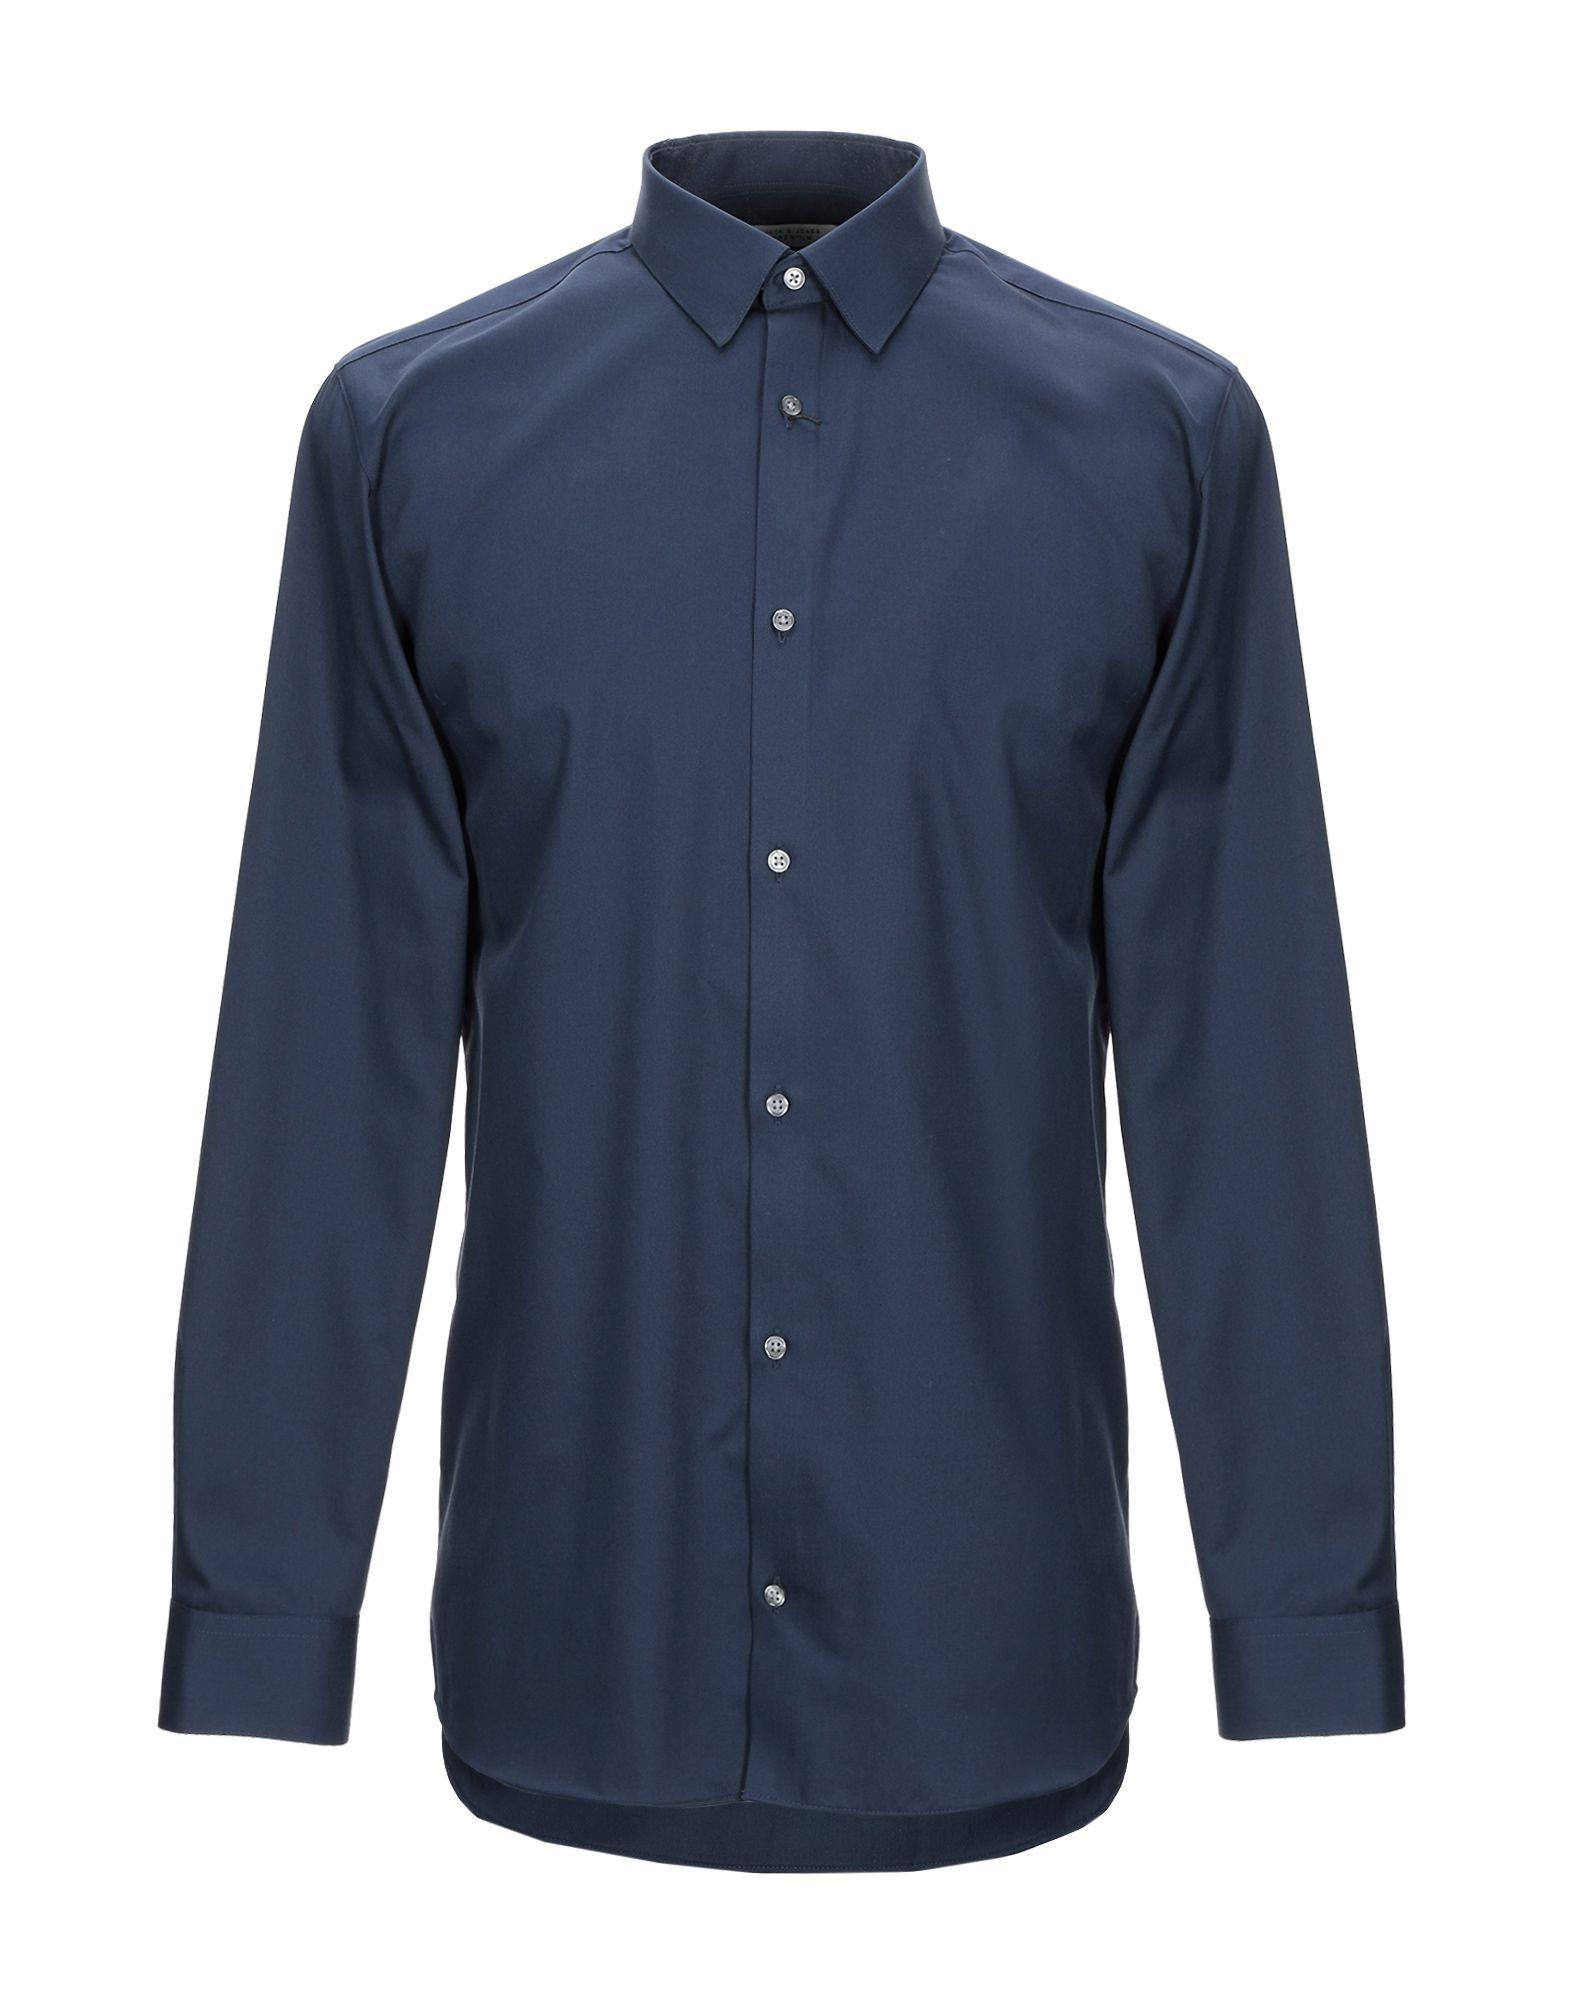 《期間限定セール開催中!》JACK & JONES PREMIUM メンズ シャツ ダークブルー XL コットン 100%